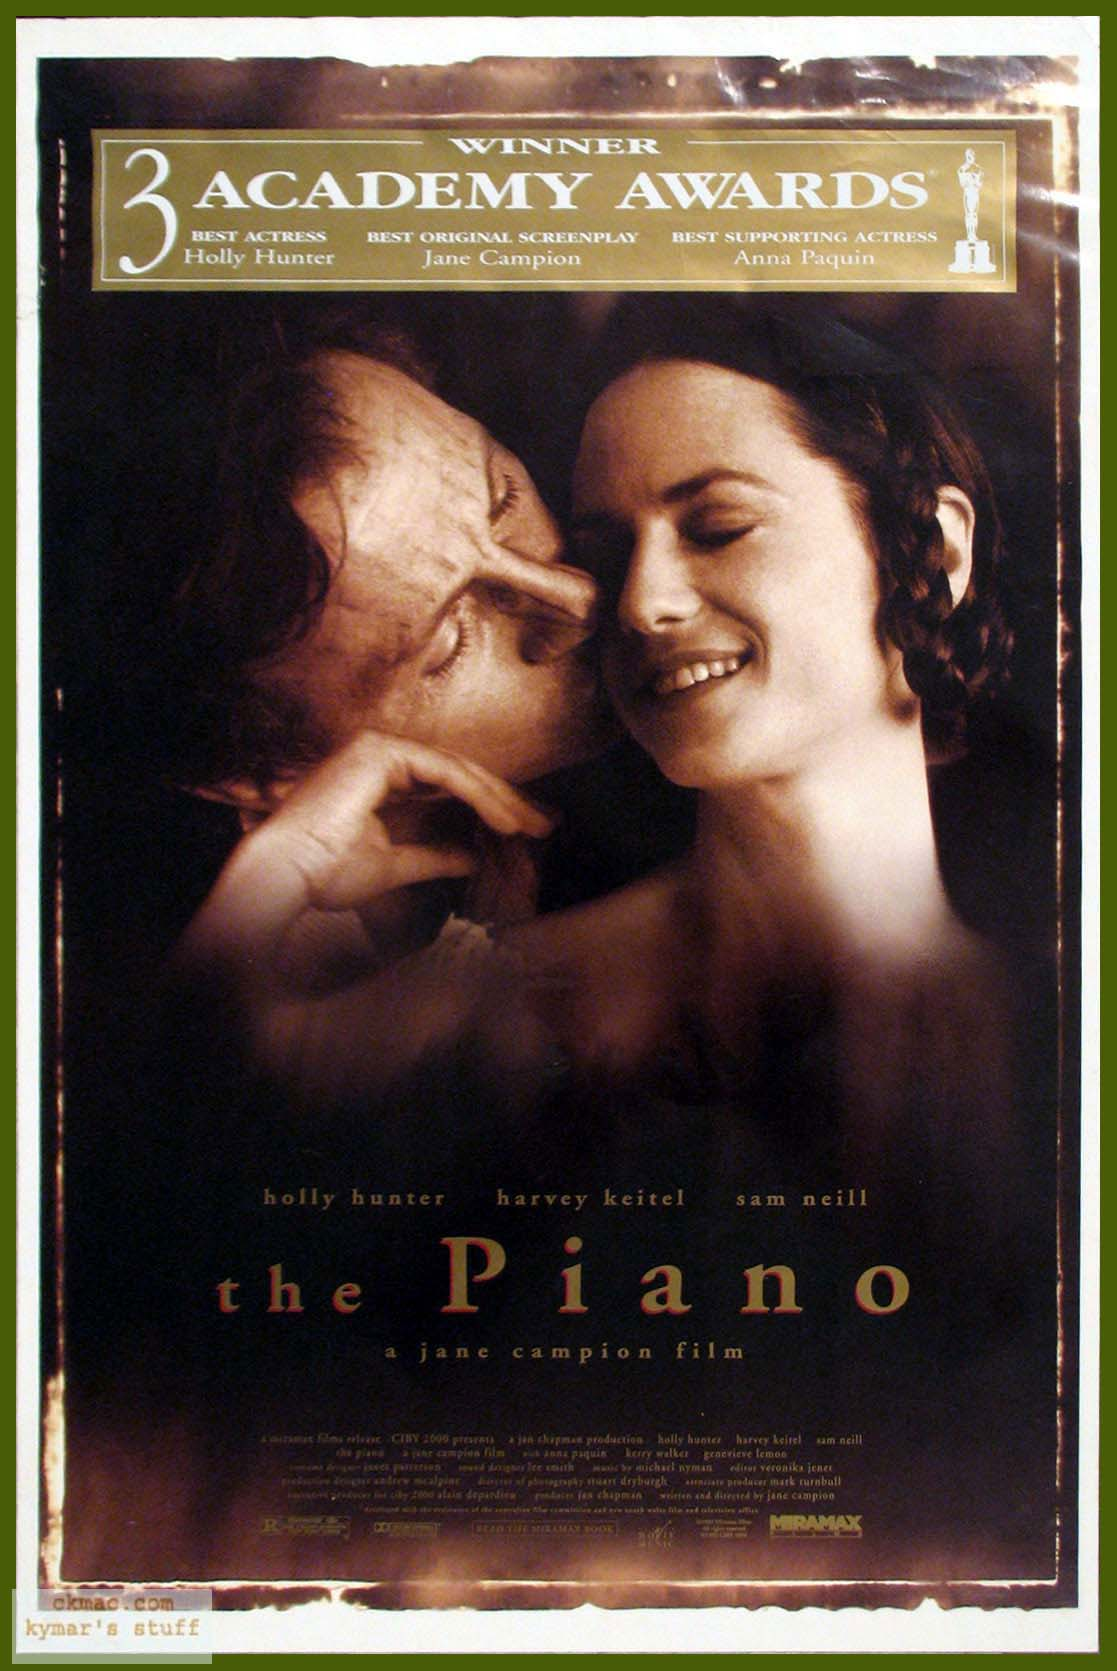 ThePiano_Oscar.jpg